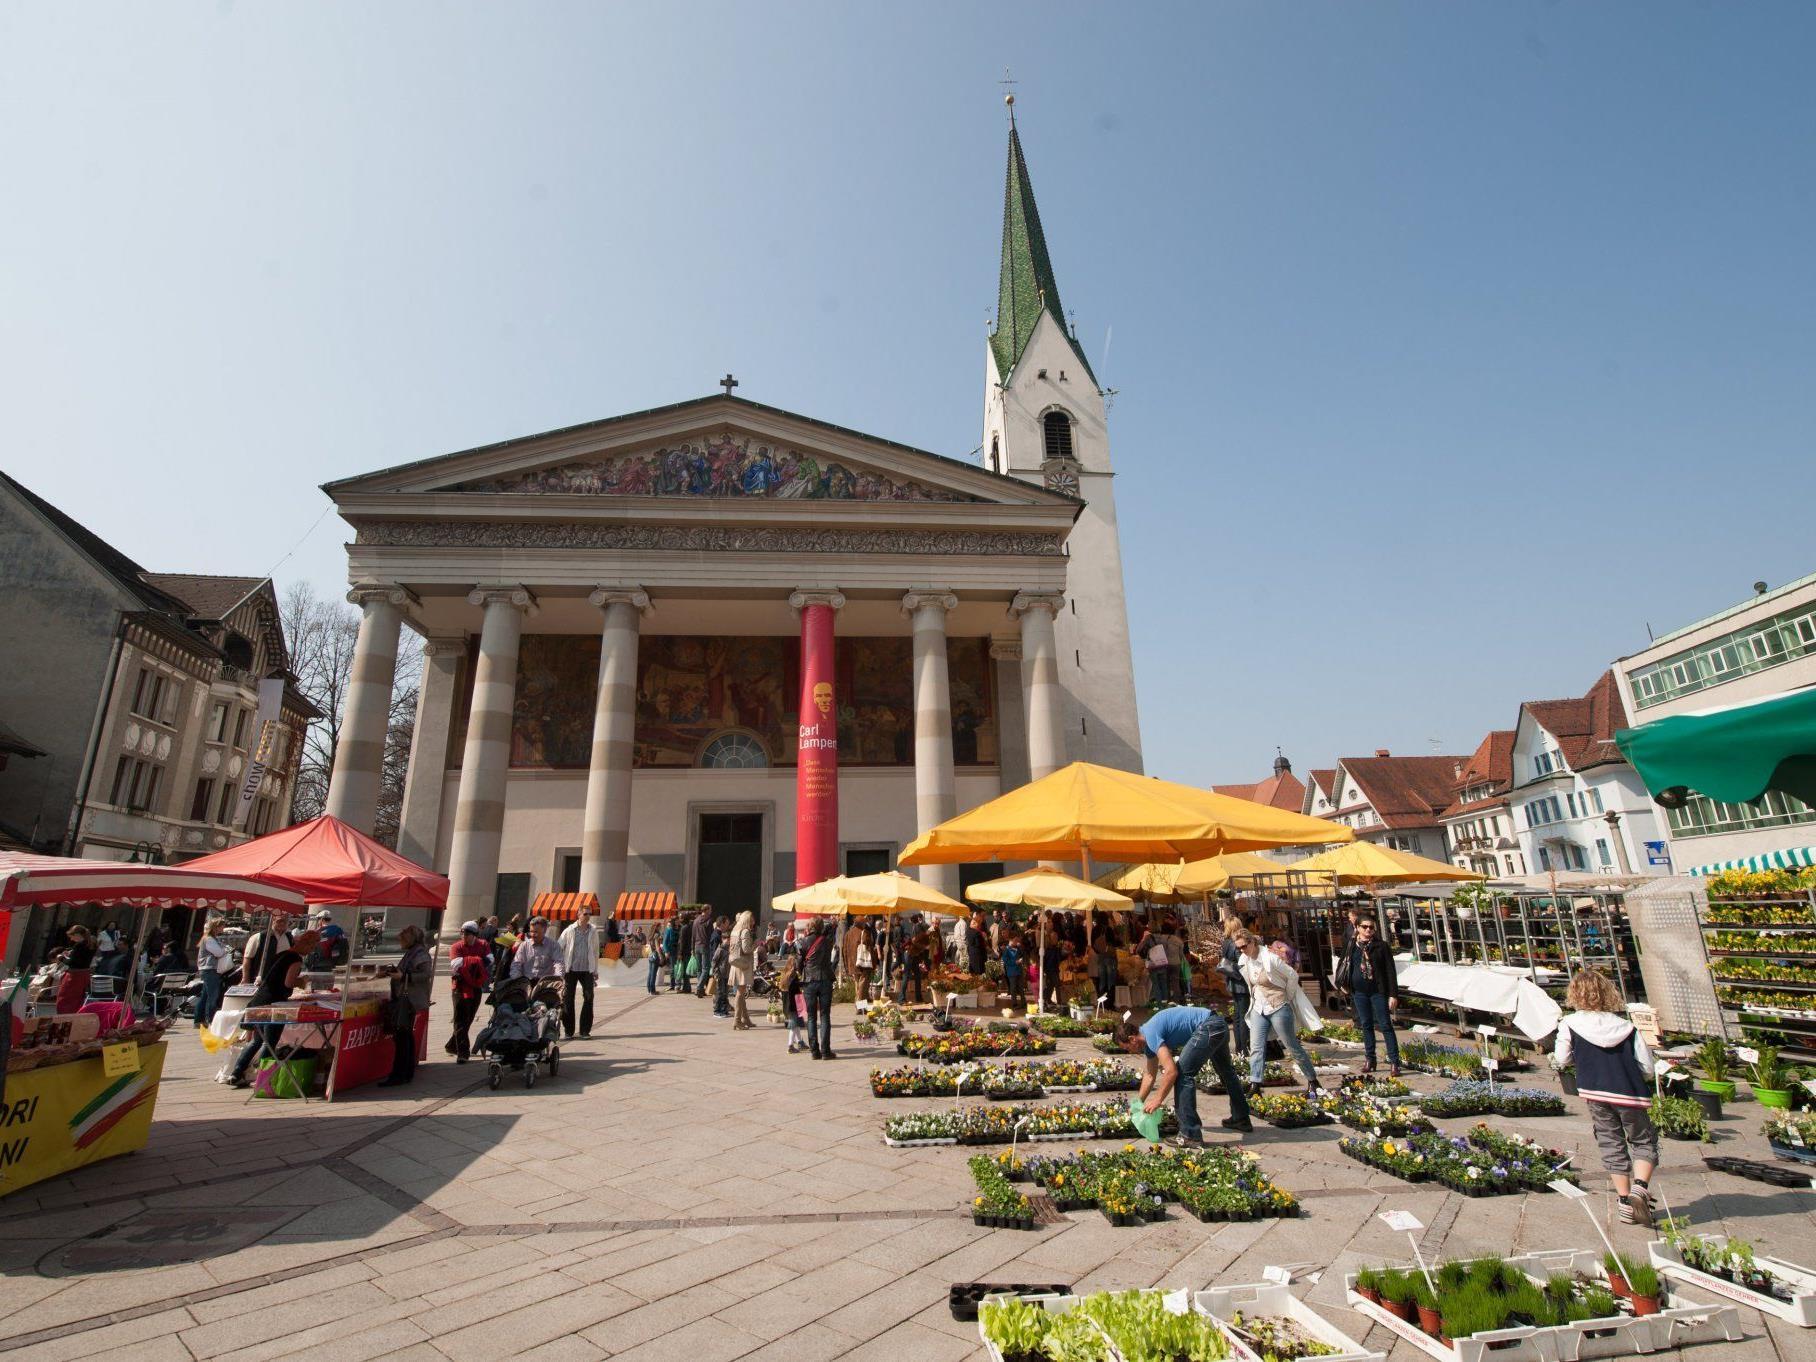 Jede Menge los am Samstag beim Markt in Dornbirn